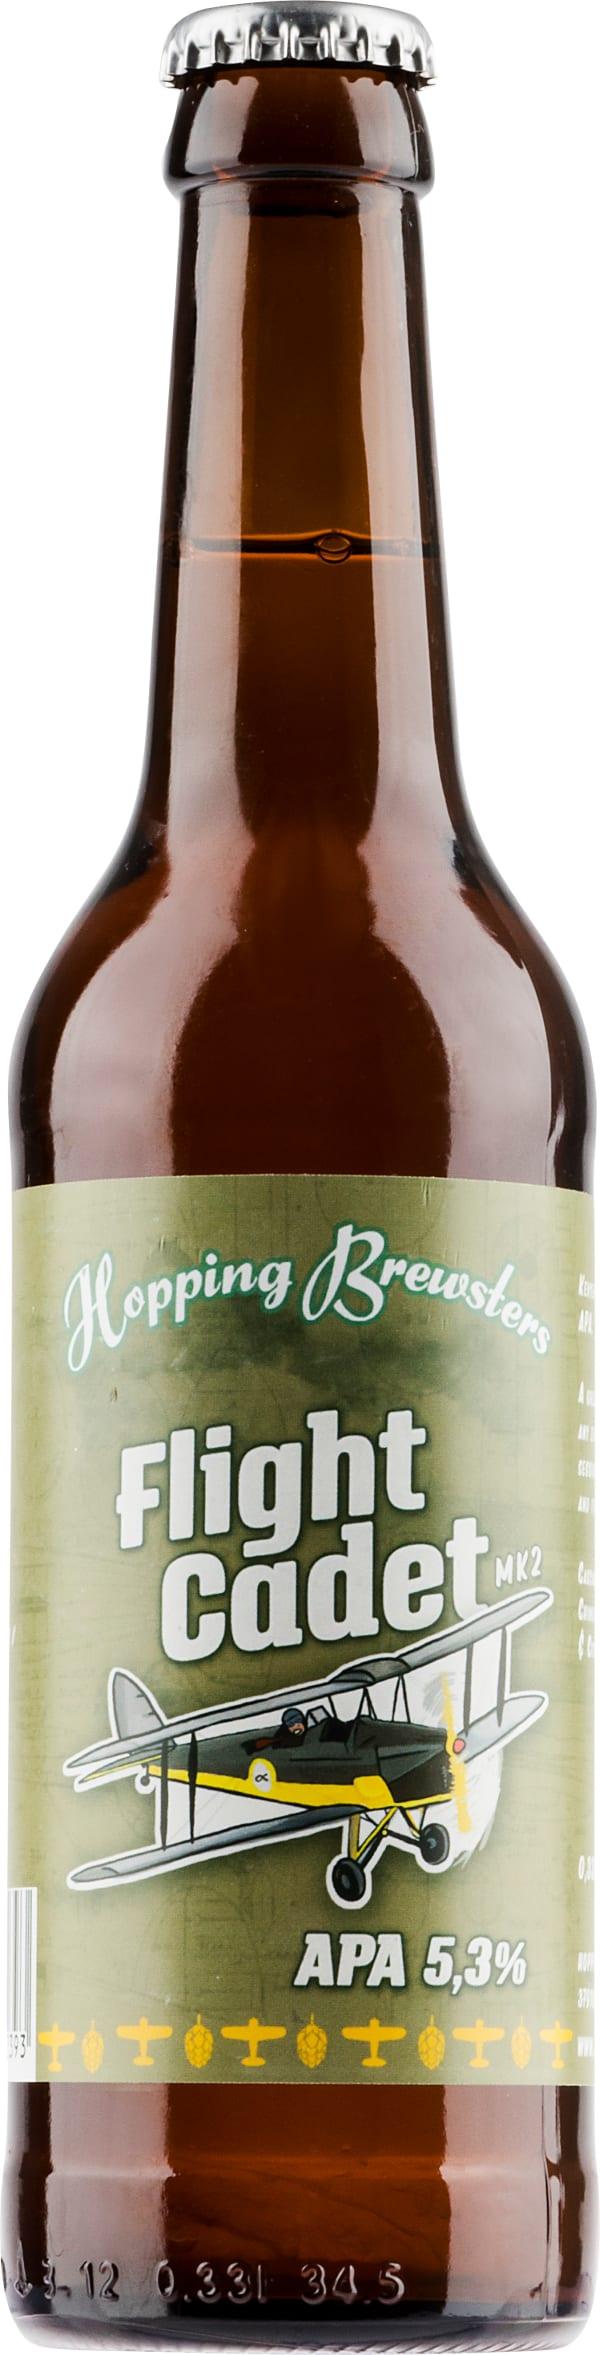 Hopping Flight Cadet